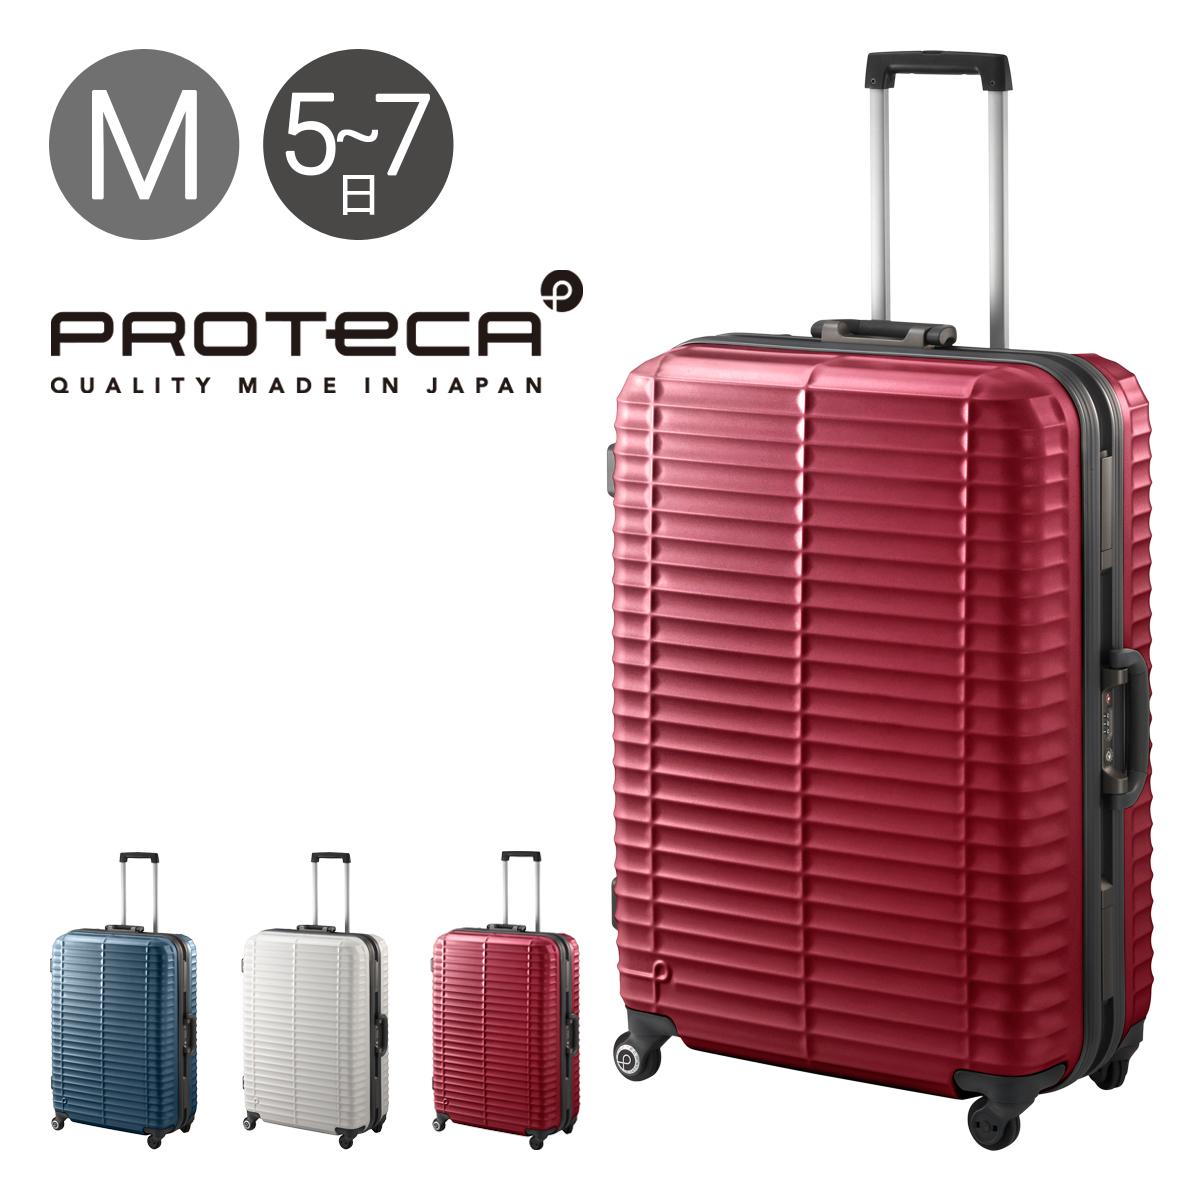 プロテカ スーツケース 80L 68cm 5kg ストラタム 00853 日本製 PROTECA ハード フレーム キャリーバッグ キャリーケース 軽量 静音 TSAロック搭載 マグネシウム合金 3年保証[PO10][bef]